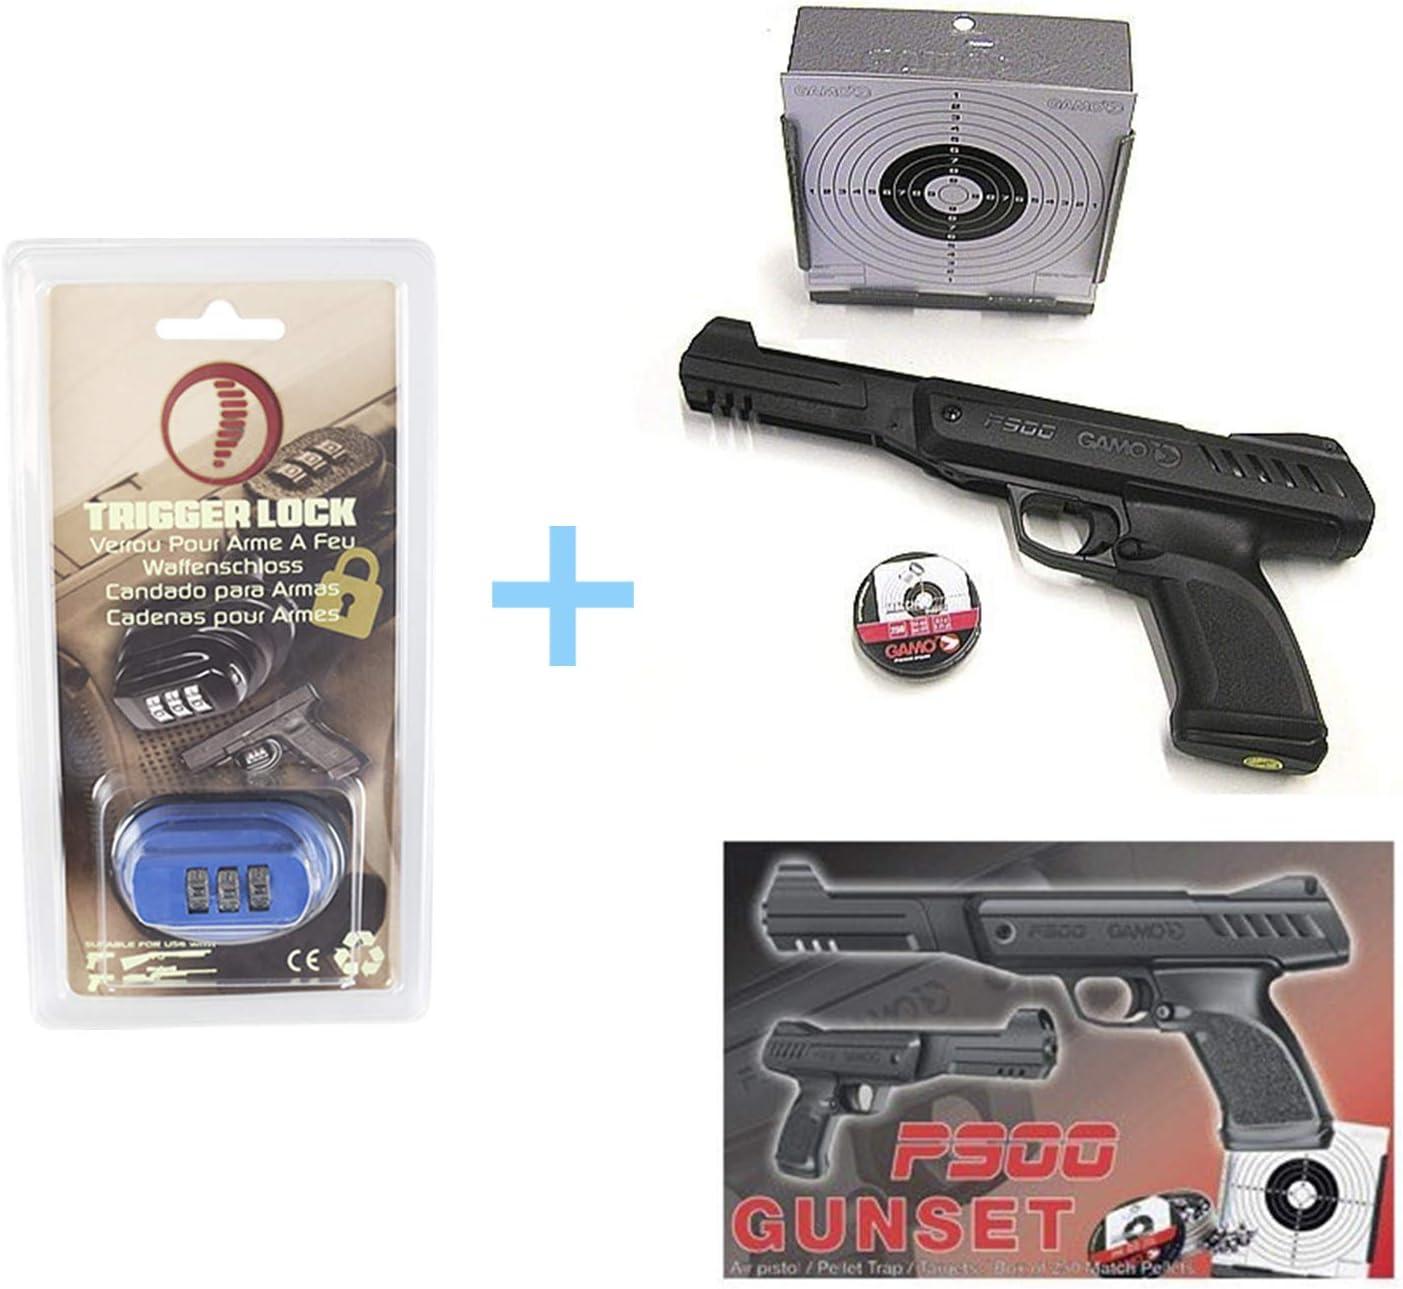 Gamo Pack Pistola Aire Comprimido P-900, Pistola de balines (Calibre 4,5 mm y Potencia 3,5 Julios), Pistola Bolas + Candado de Seguridad Yatek + Accesorios (Tragabalines, Balines Match, Dianas